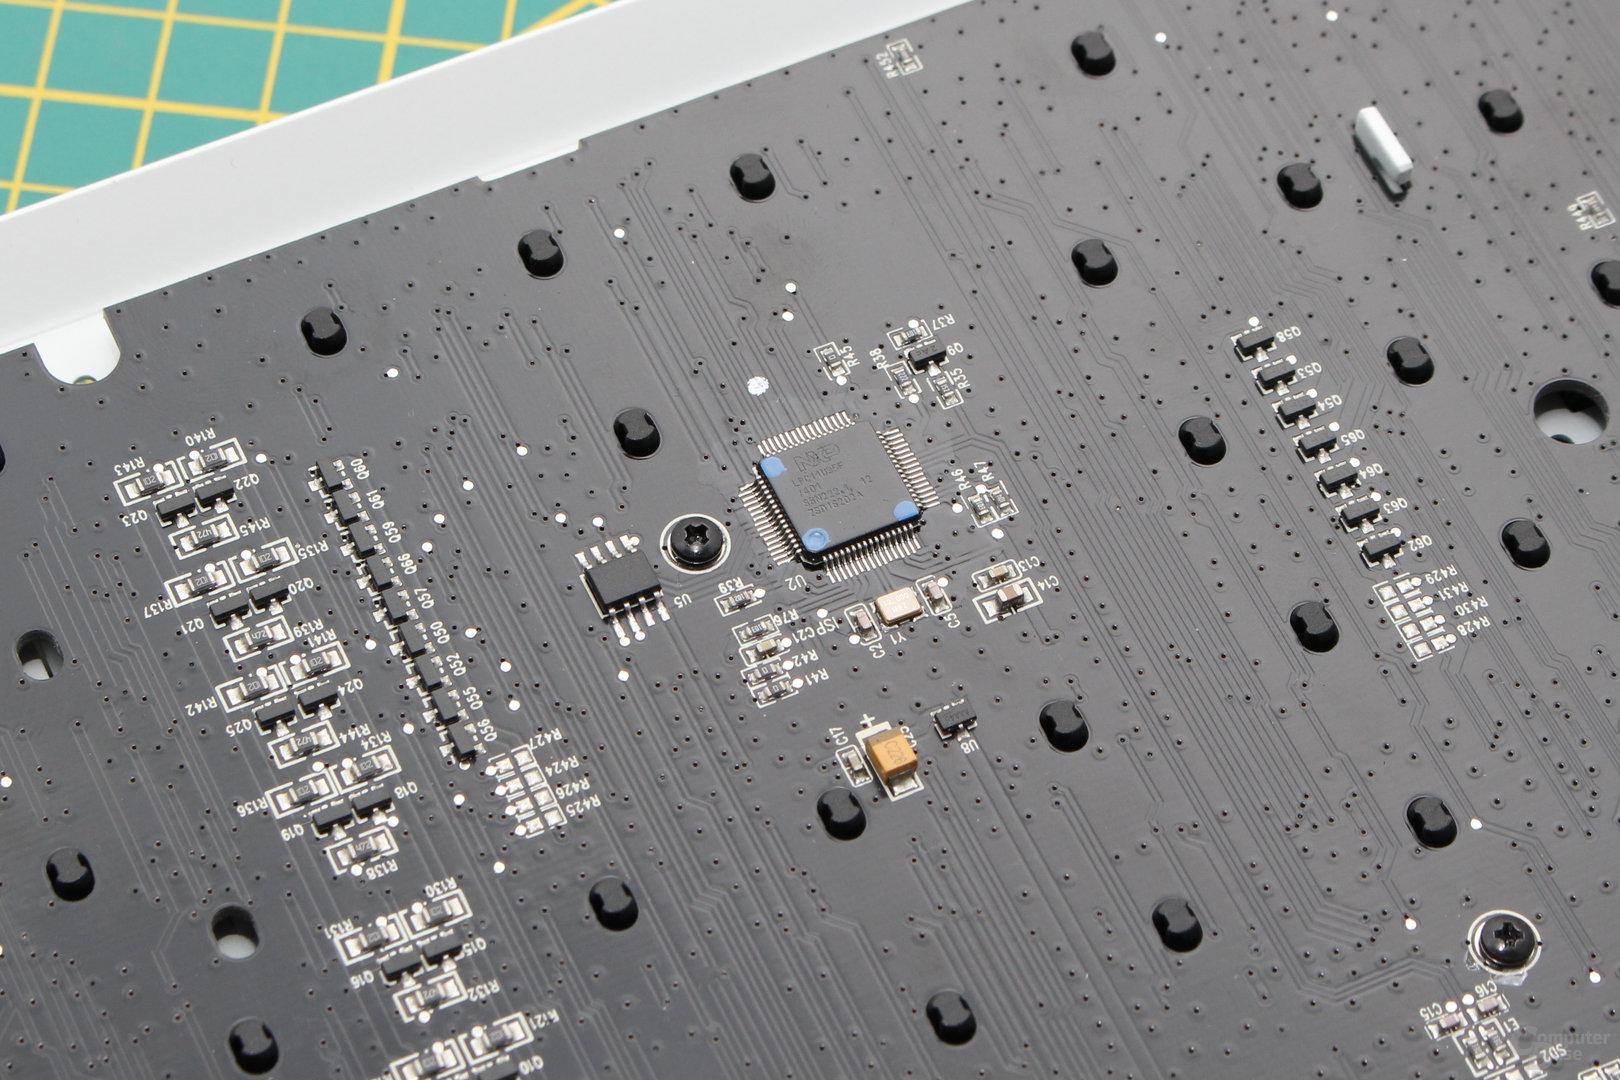 Der Mikrocontroller stammt von NXP (LPC11U35F)